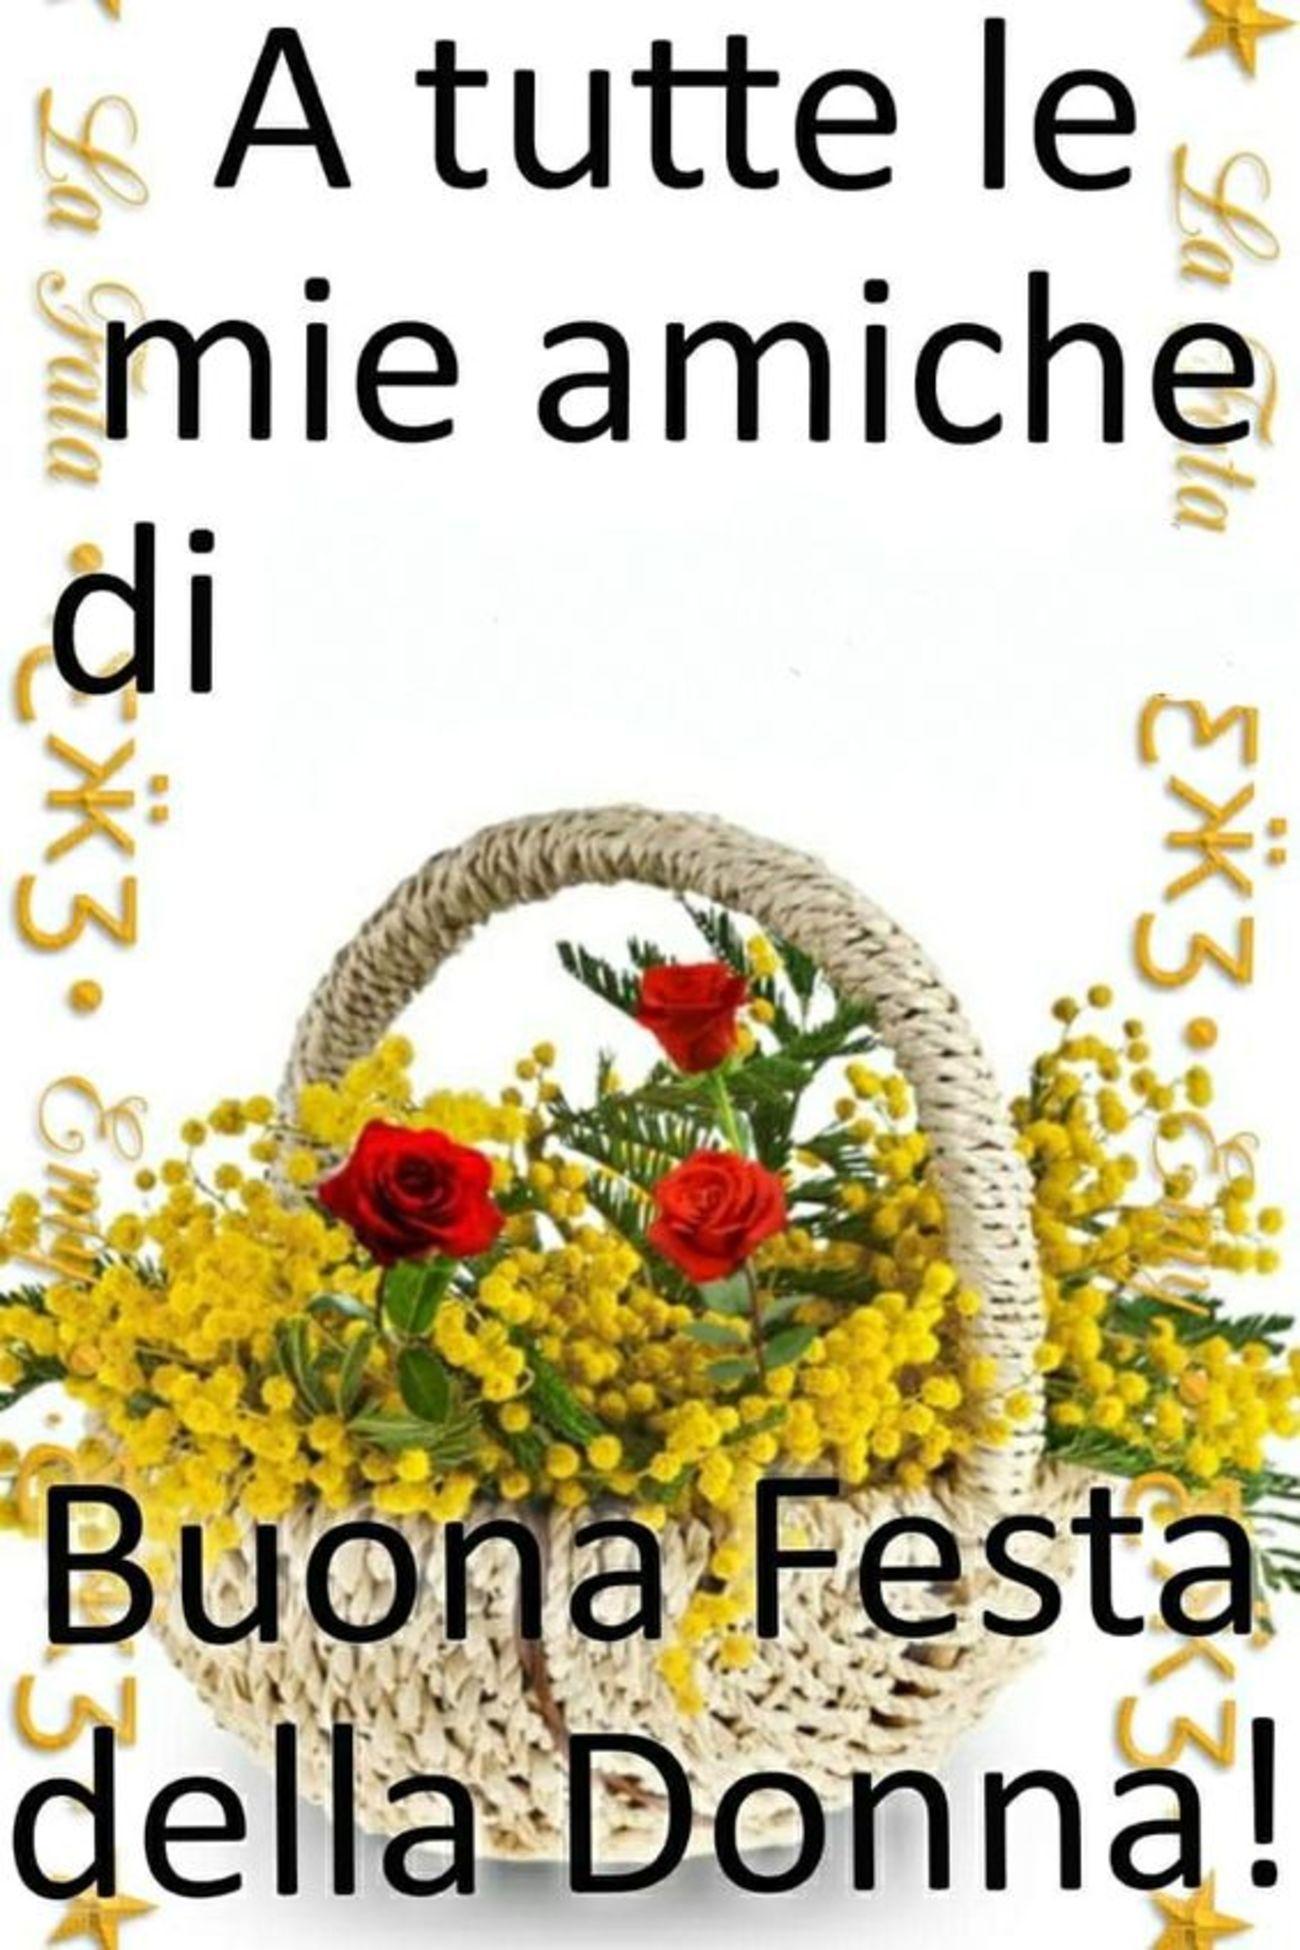 A Tutte Le Mie Amiche Buona Festa Delle Donne Auguri Festa Della Donna